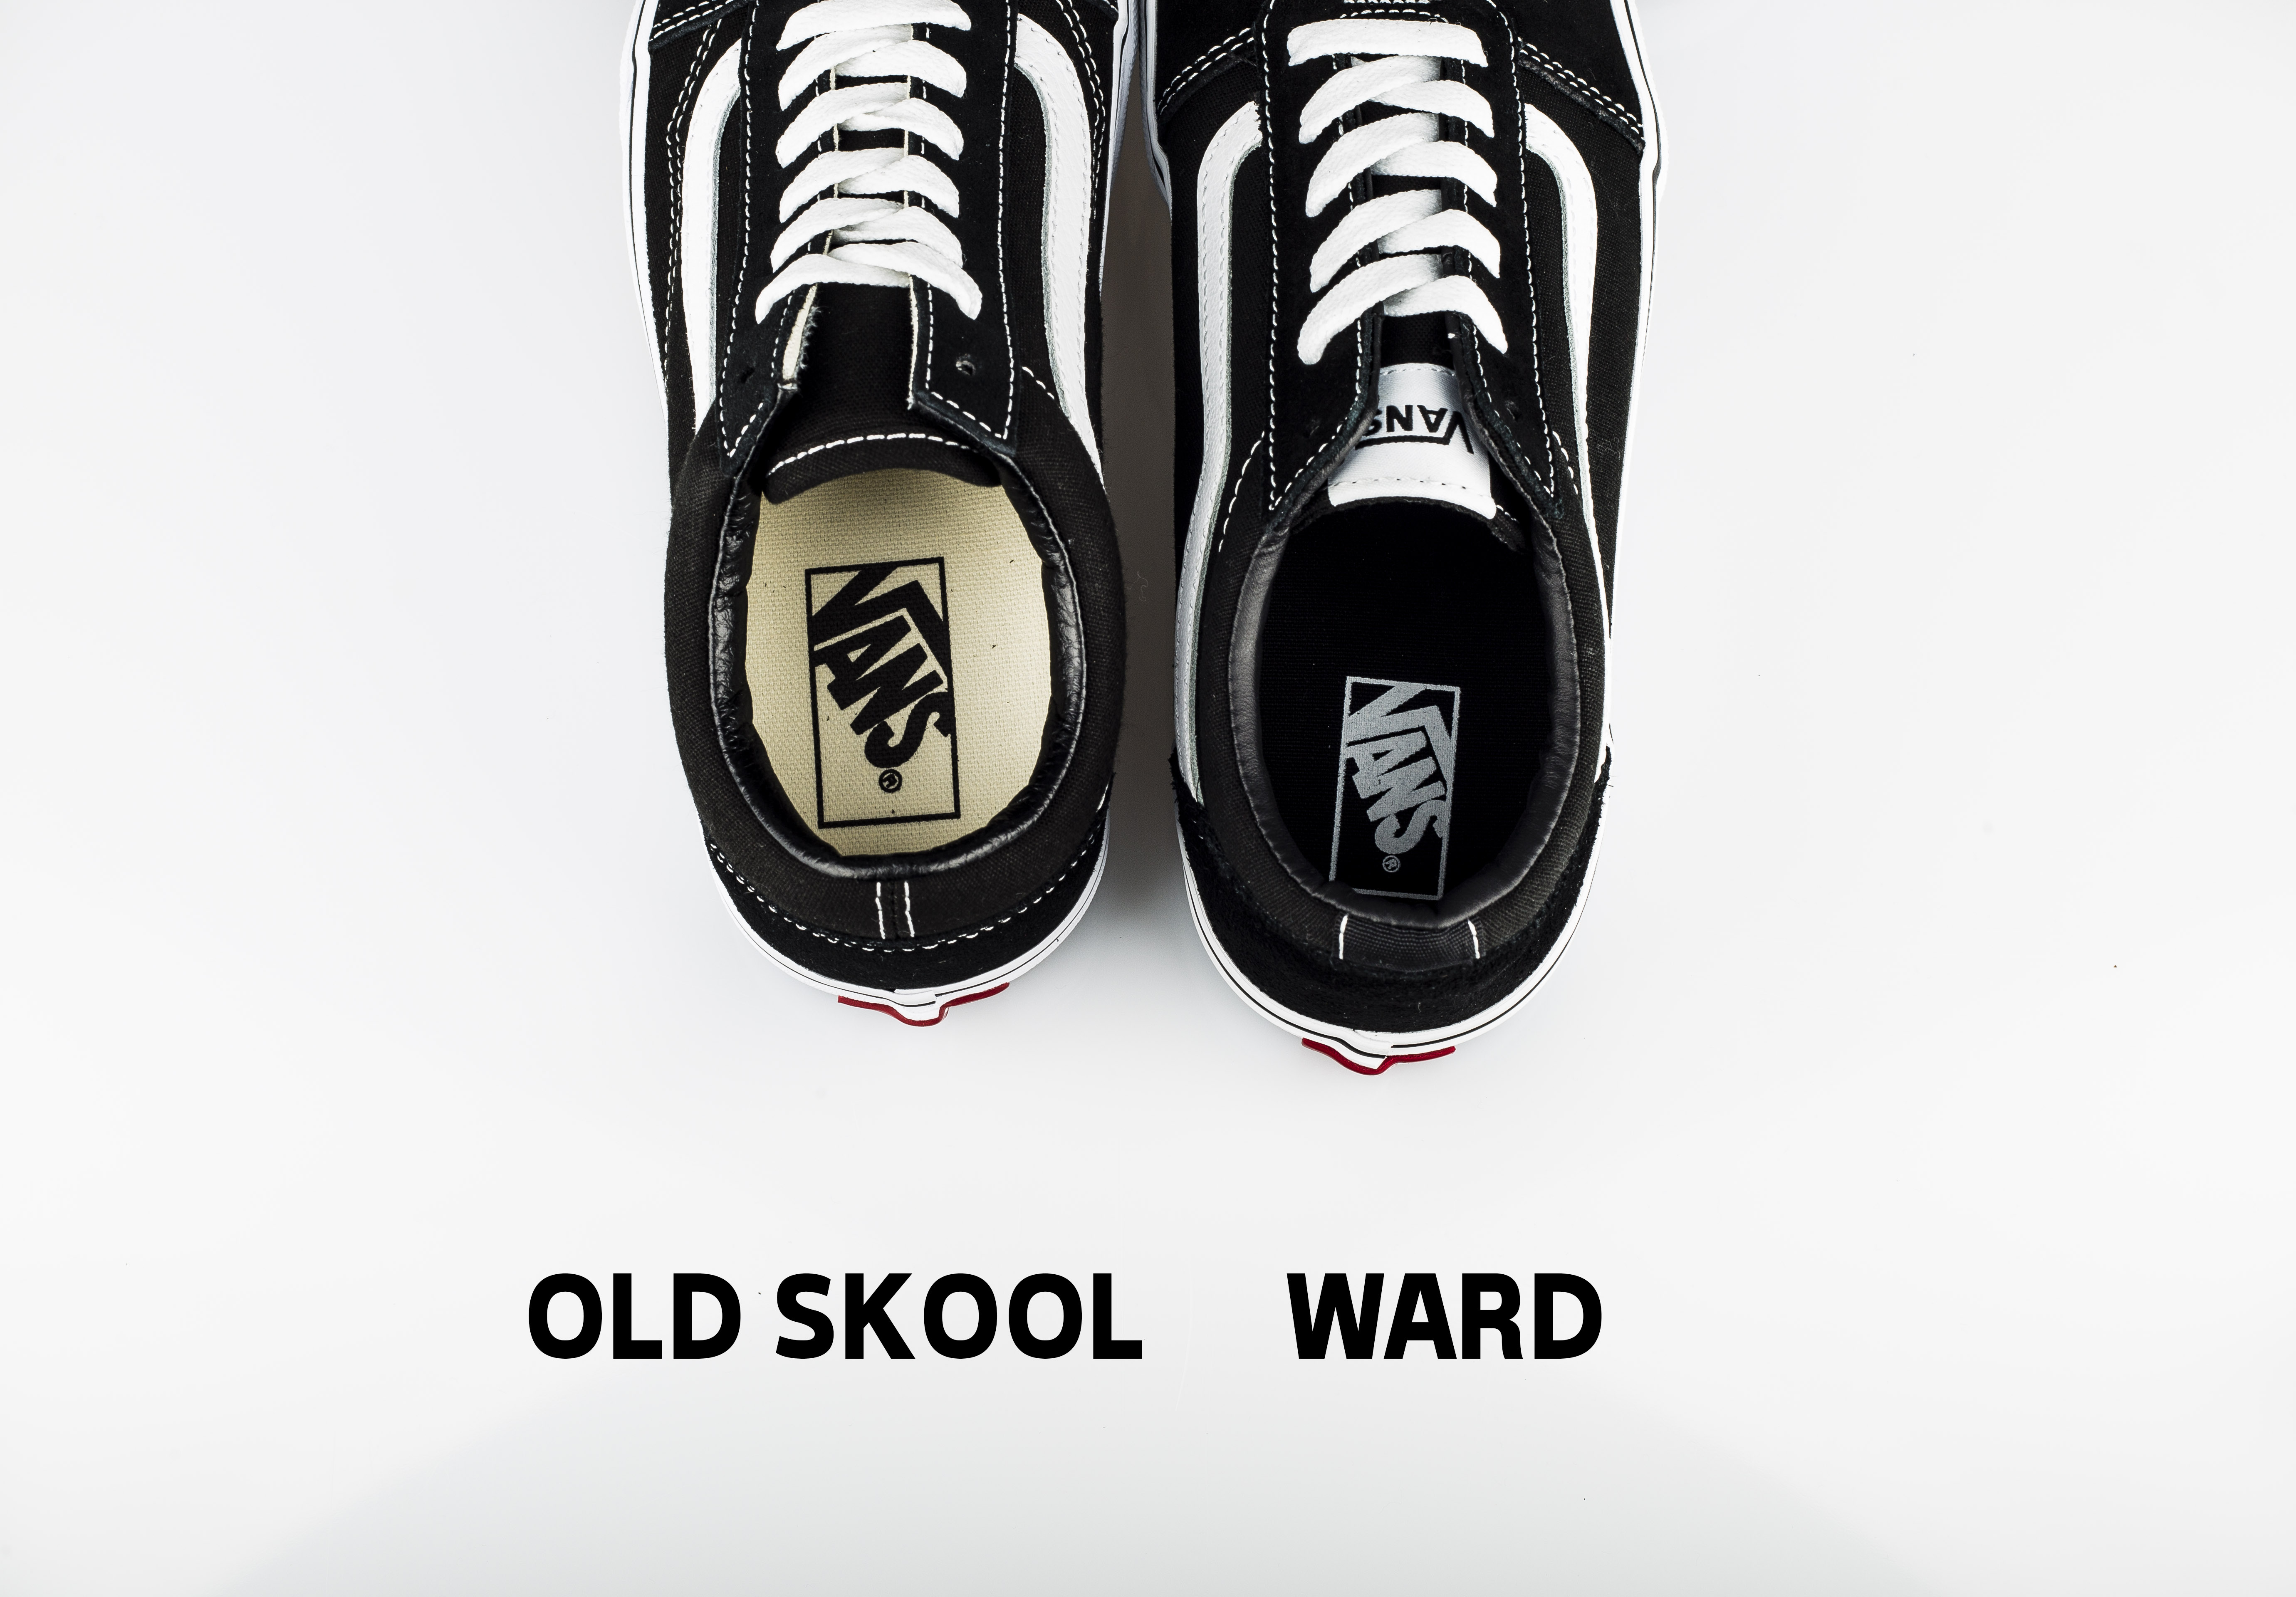 Vans Old Skool vs Vans Ward (Diferencias) Dacks Surf